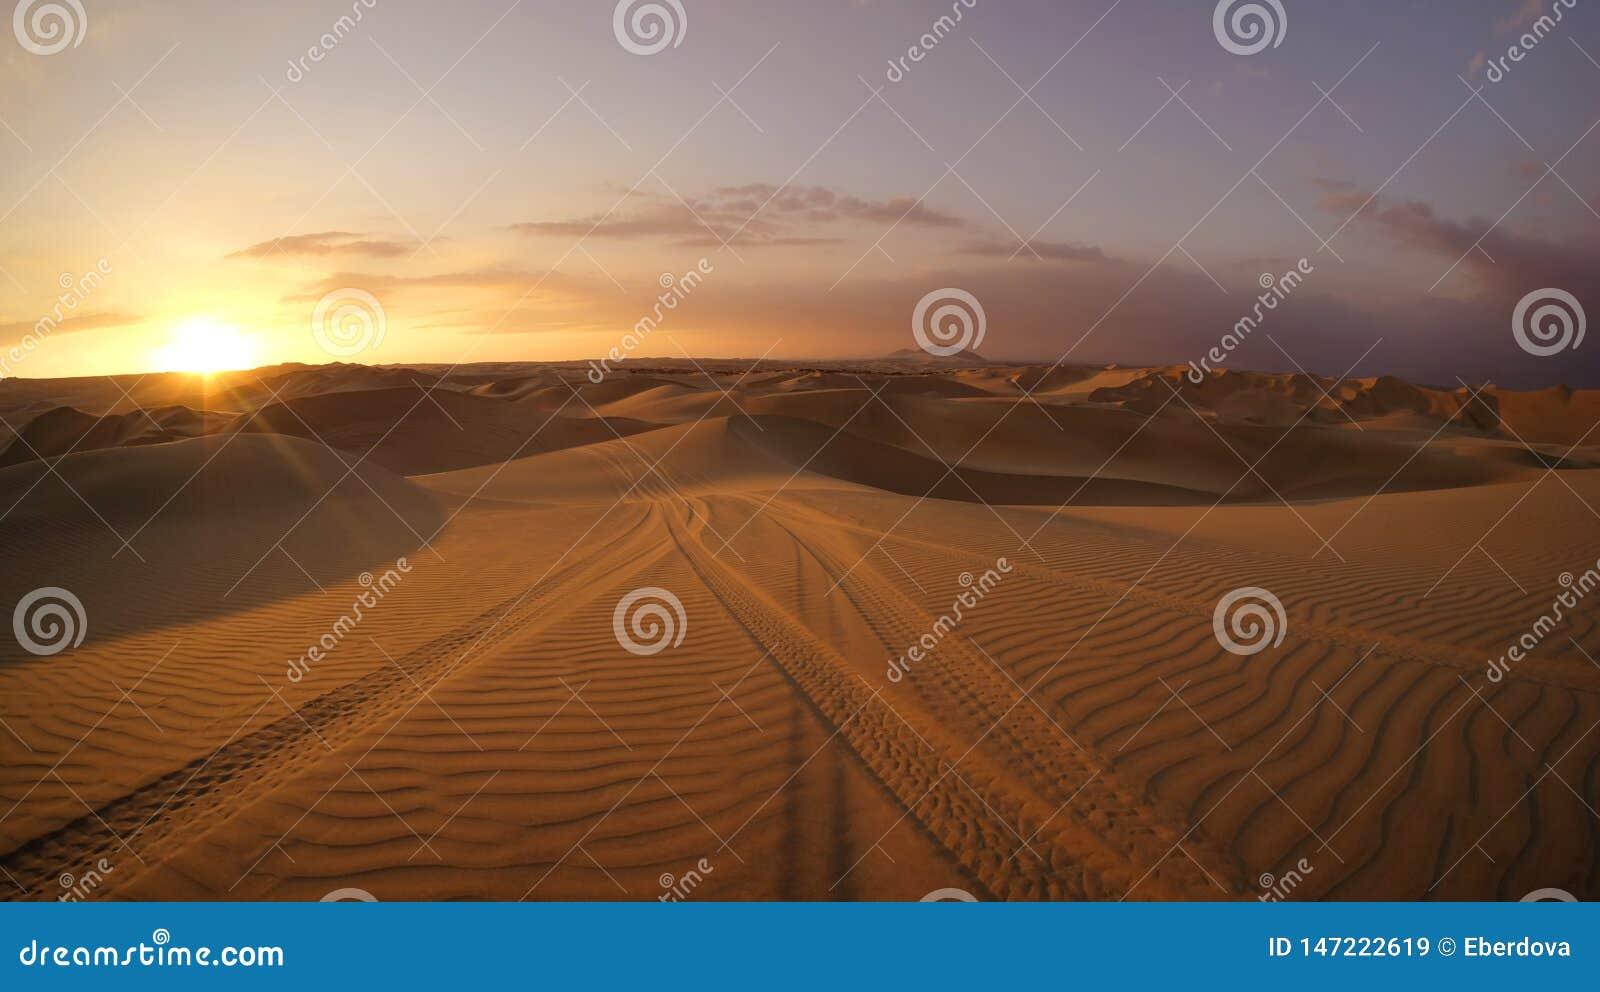 Deserto na hora do por do sol com as trilhas dos pneus do carrinho de duna na areia no primeiro plano